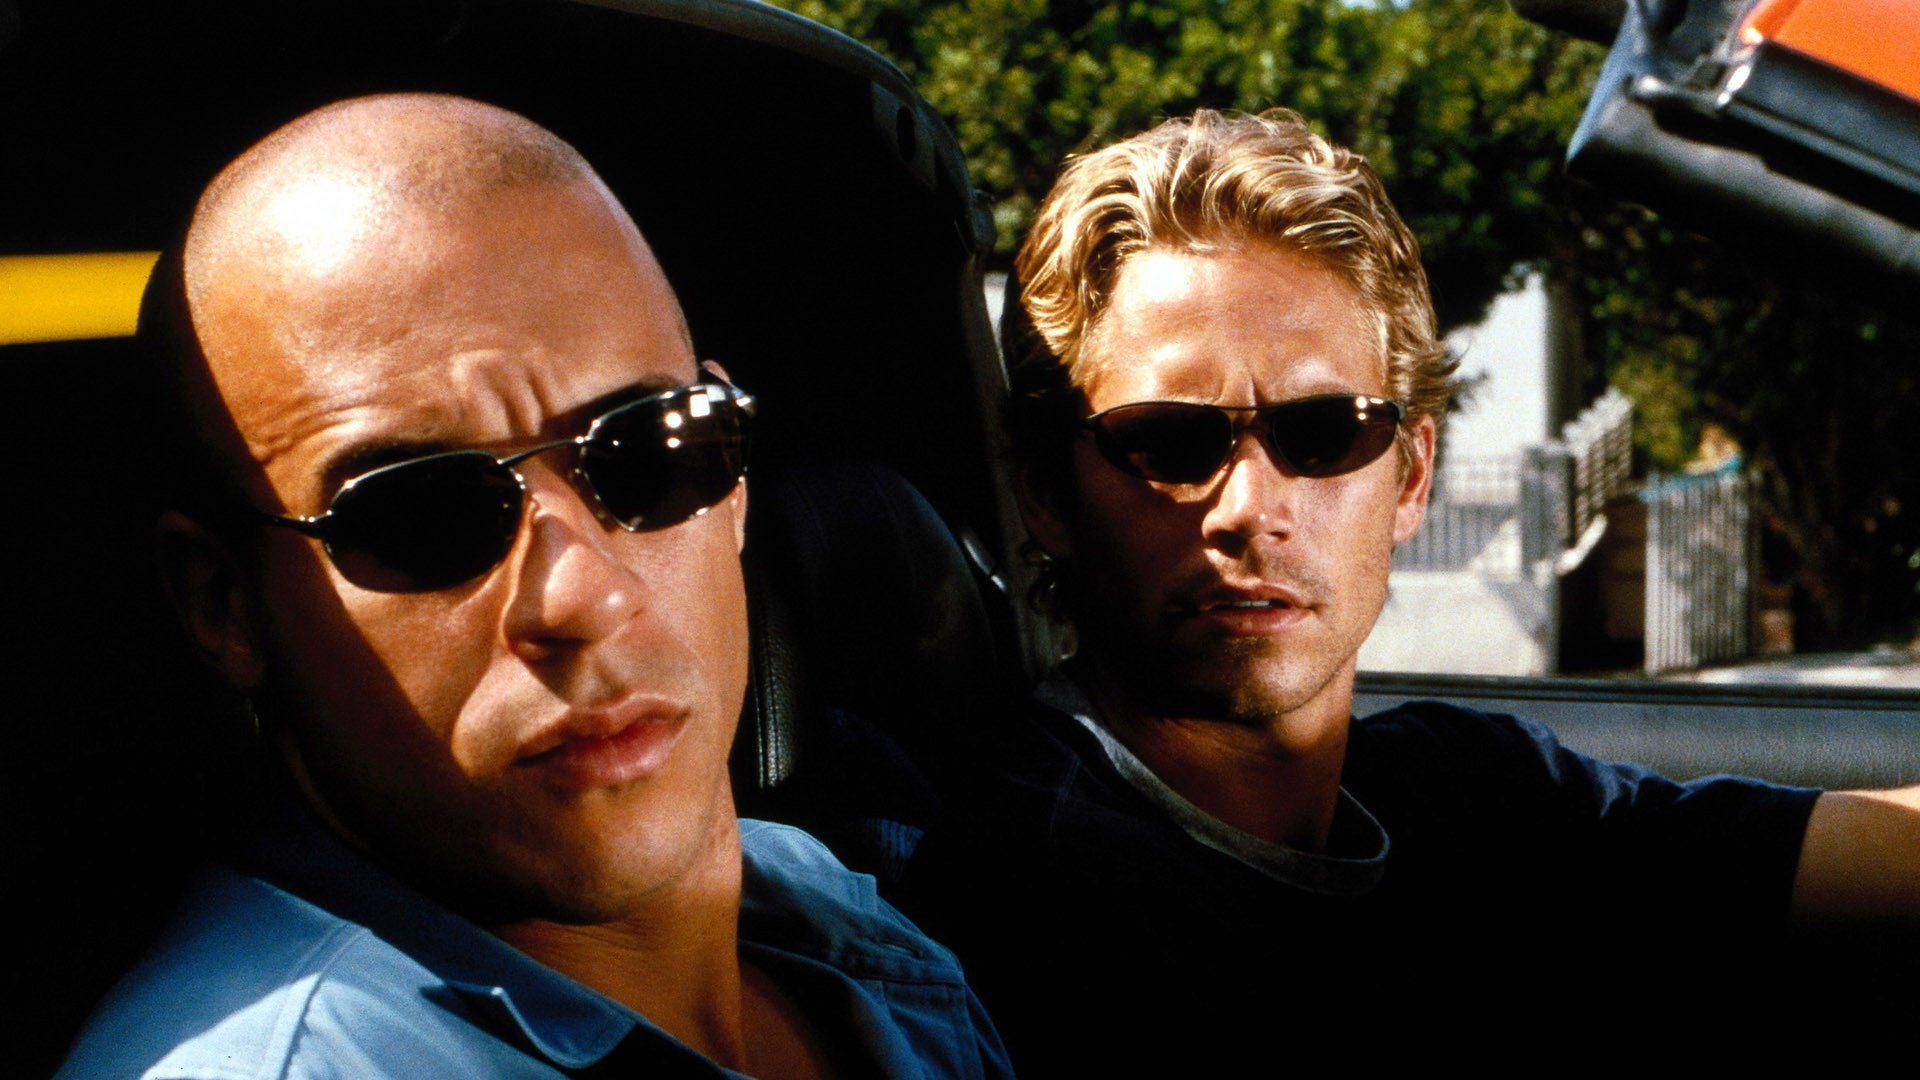 Gosta de filmes de carros e corridas? Veja excelentes opções para você assistir